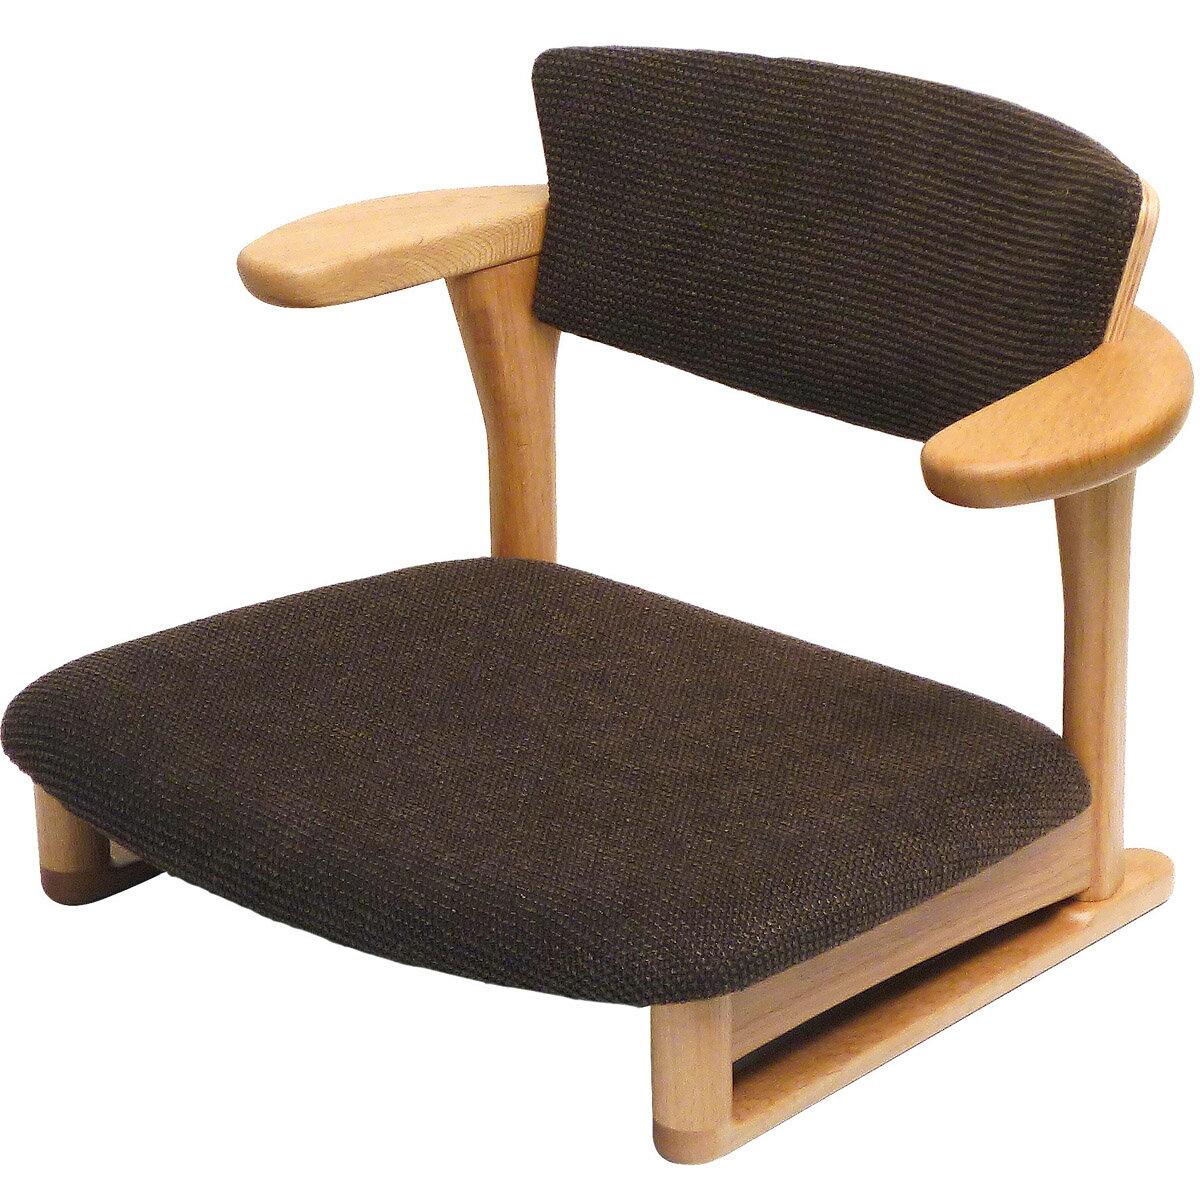 【ふるさと納税】木製 Awaza LD 低座椅子(ナラ オイル仕上、ネイビー、レッド、グレー、ベージュ、ブラウンより1色):埼玉県三芳町